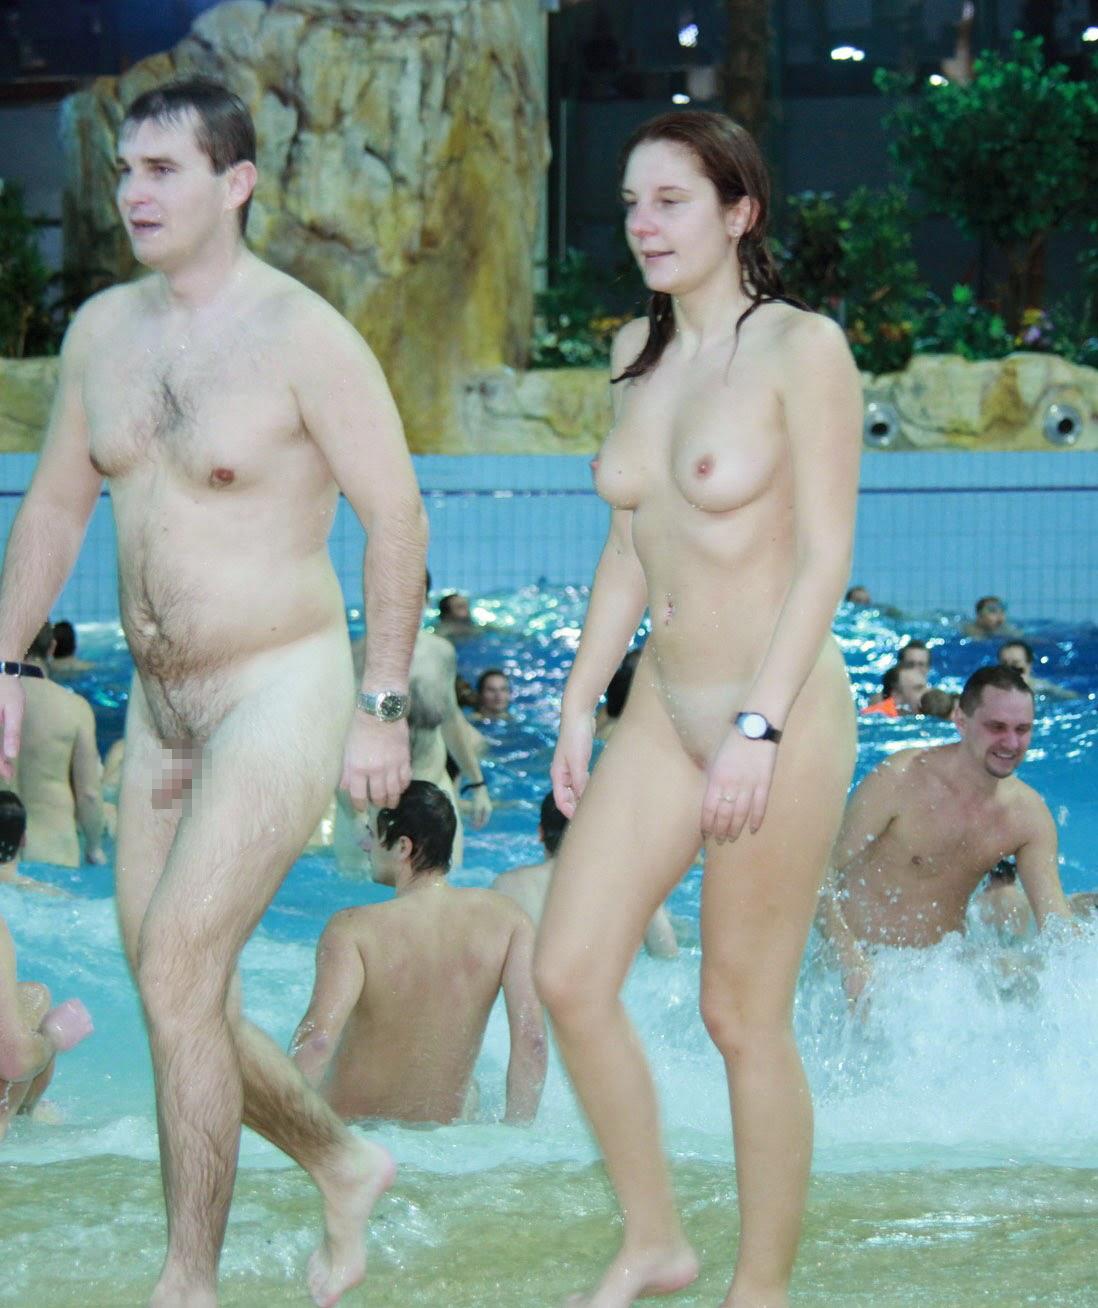 【エロ画像注意】原則全裸のリゾートホテルのプールがあるという事実。全裸ウォータースライダーで草。・7枚目